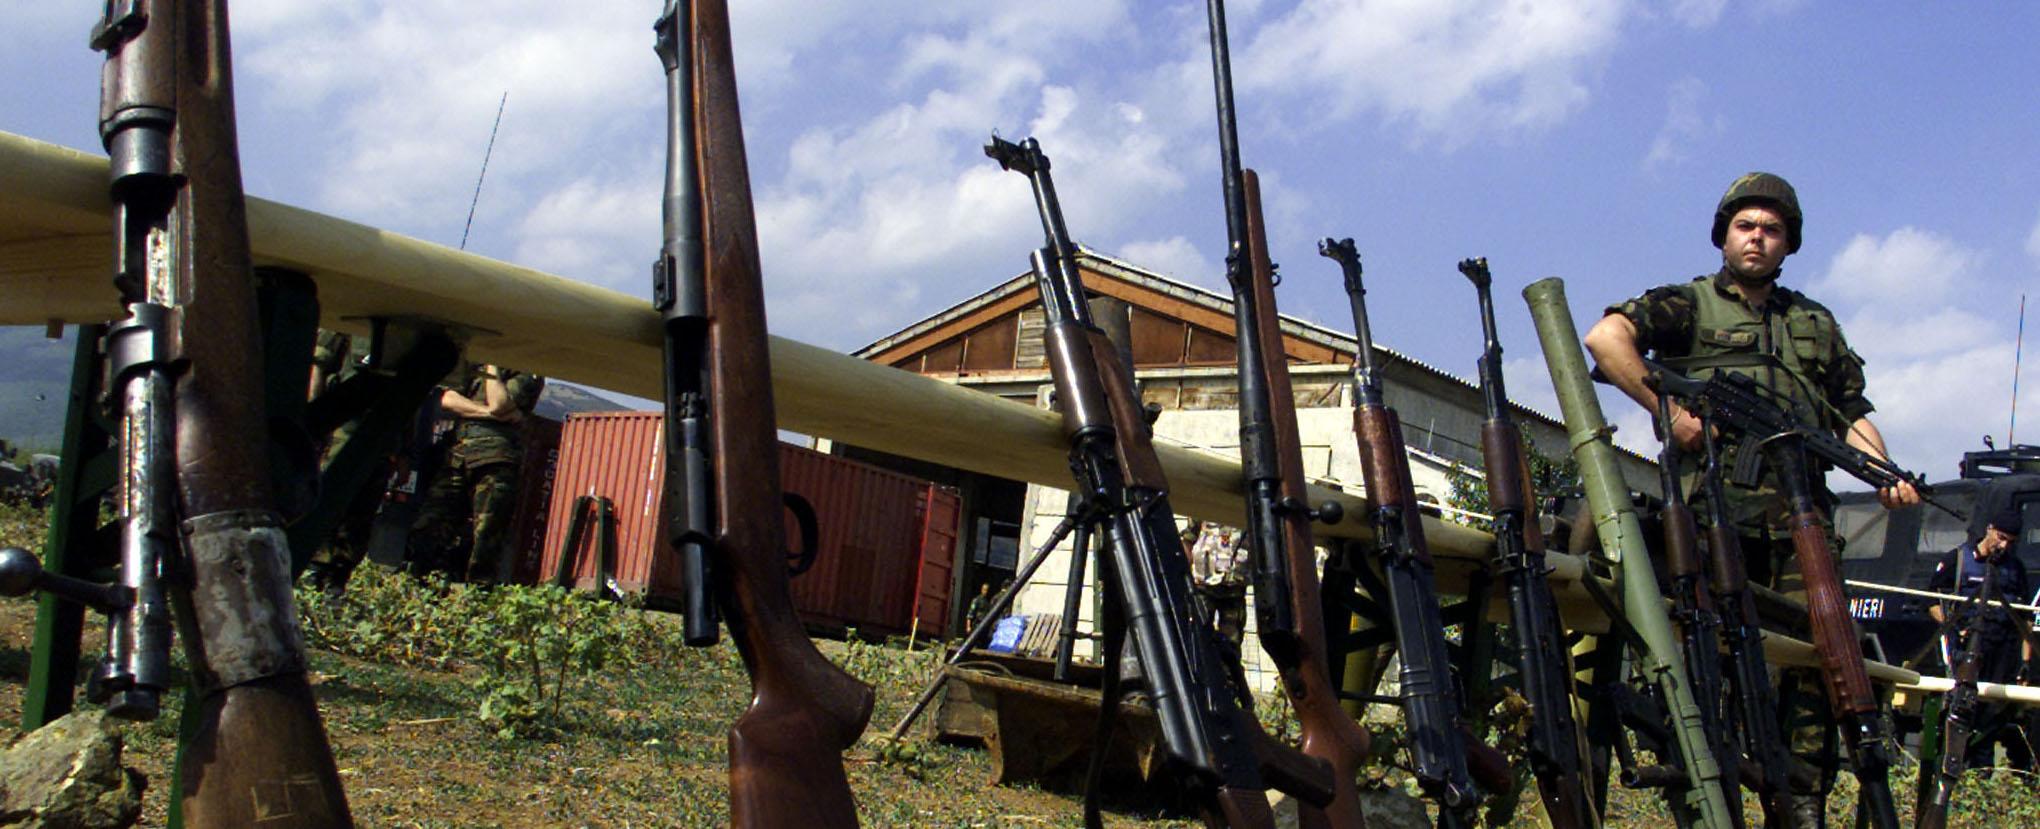 Armi kosovare consegnate agli italiani